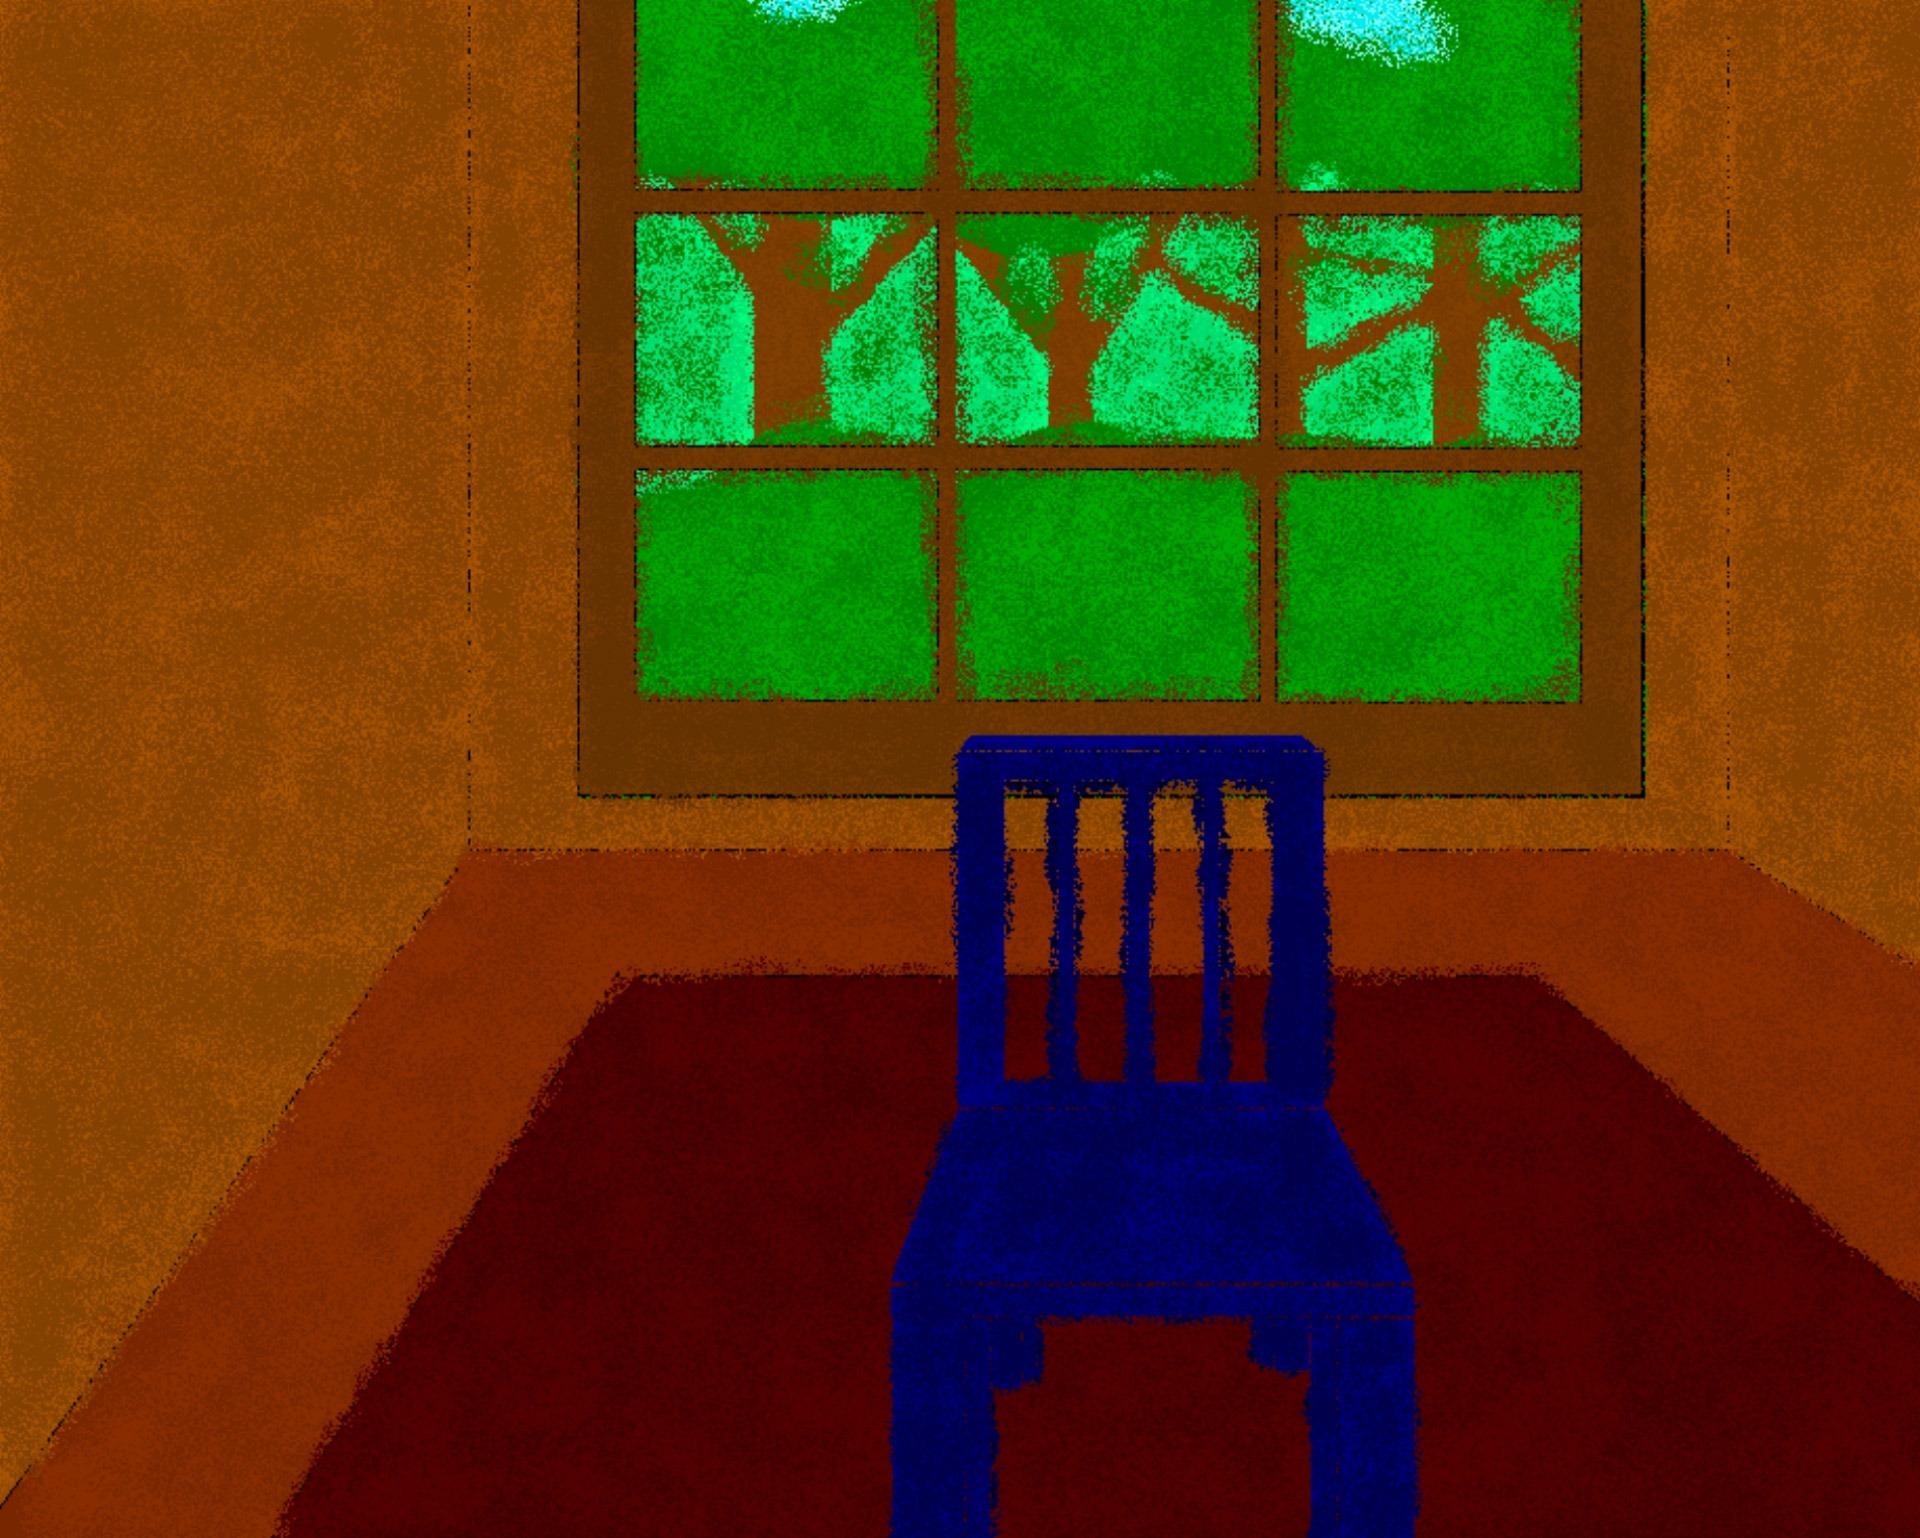 Fotograf Oyun Sandalye Pencere Desen Yesil Kirmizi Bosluk